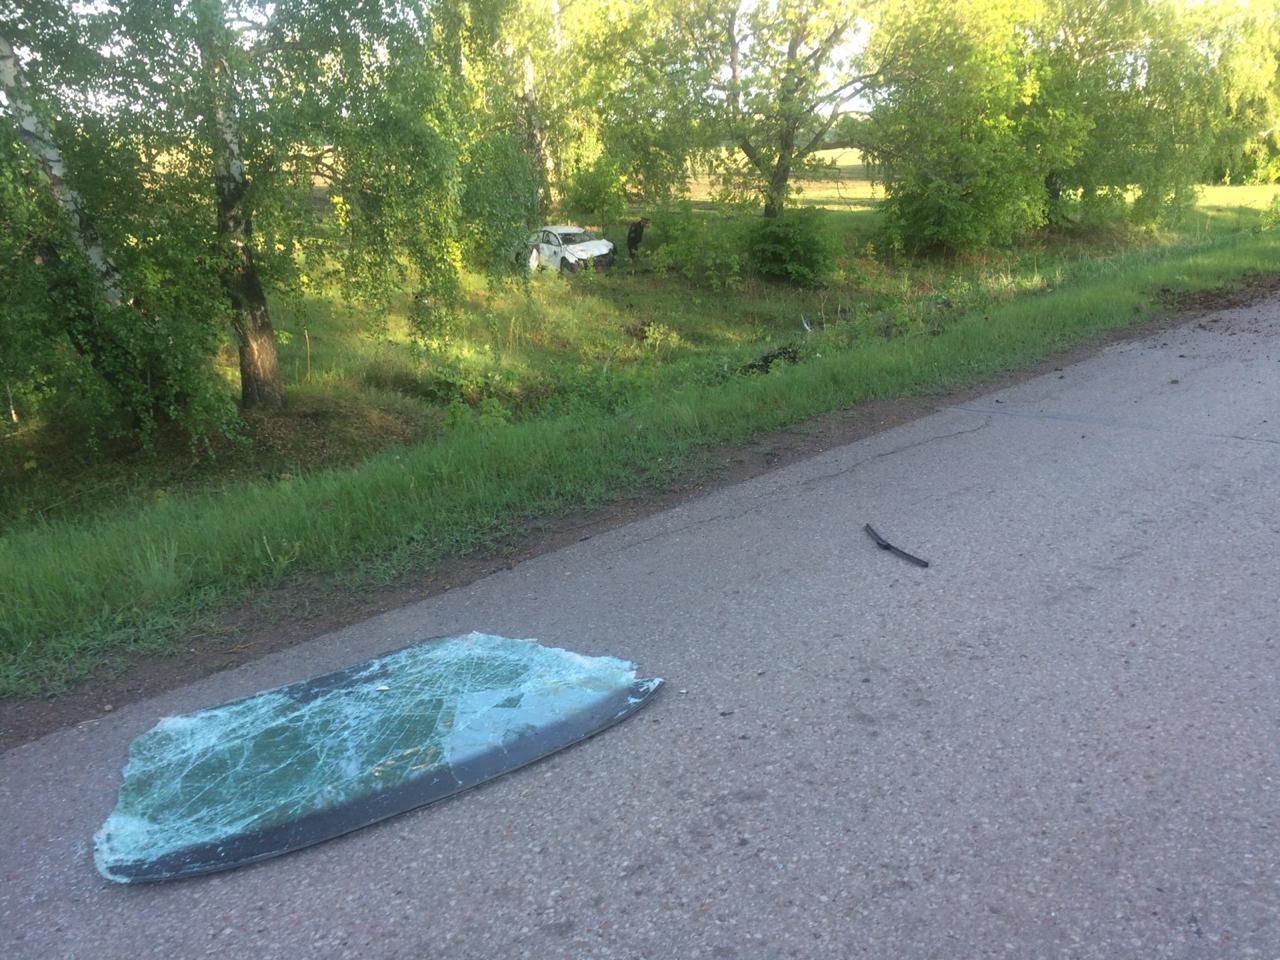 В Башкирии иномарка вылетела в кювет – Водитель погиб, его отец госпитализирован